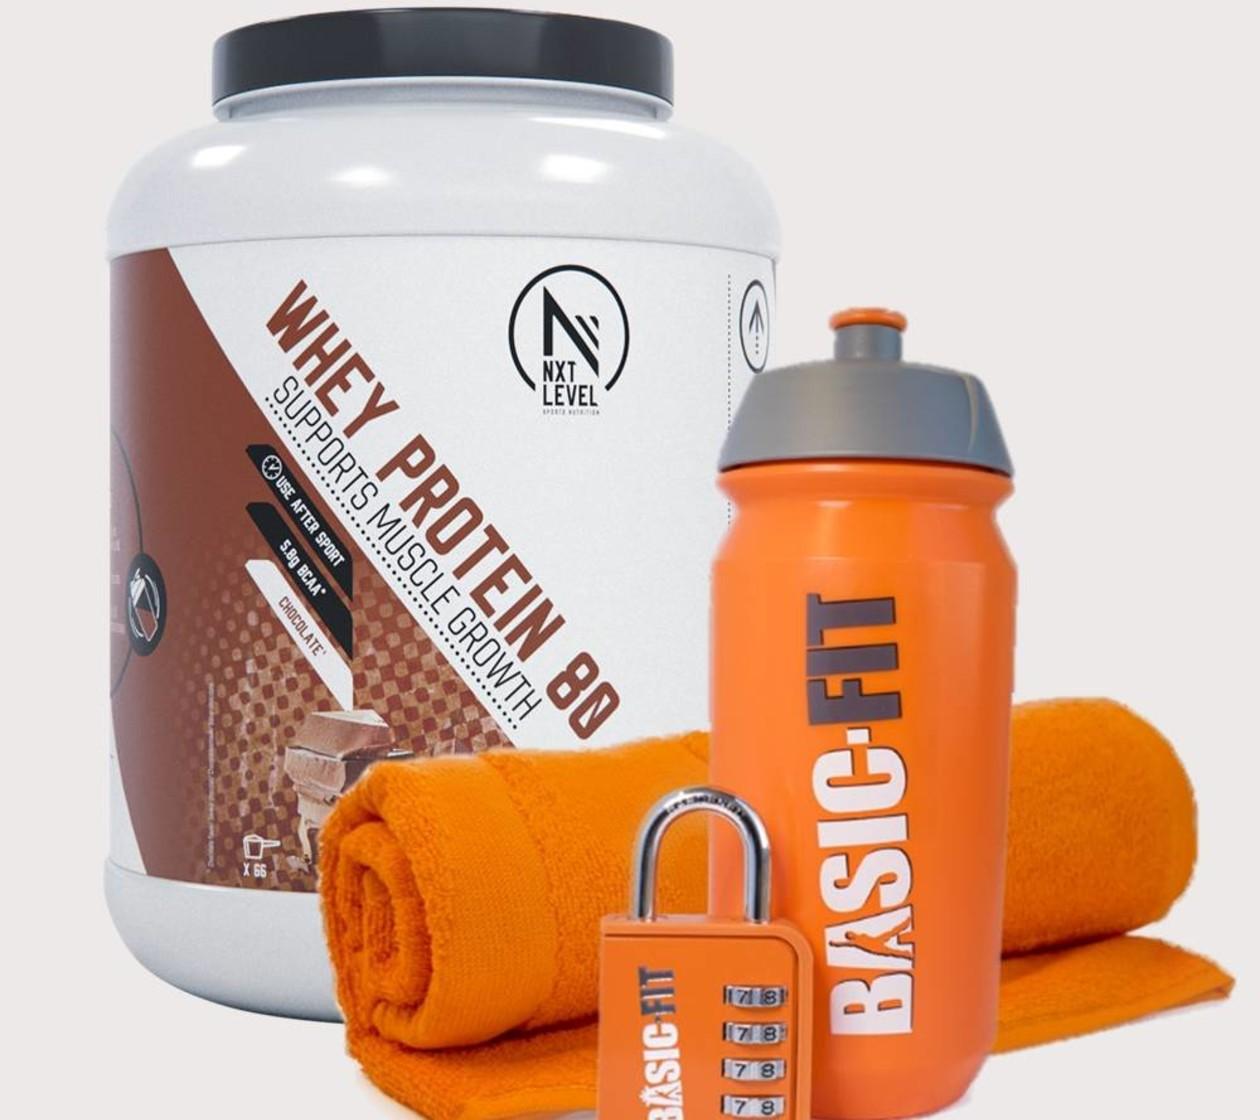 SERVIETTE + CADENAS + GOURDE + NXT Level Whey Protein 80 - 2kg